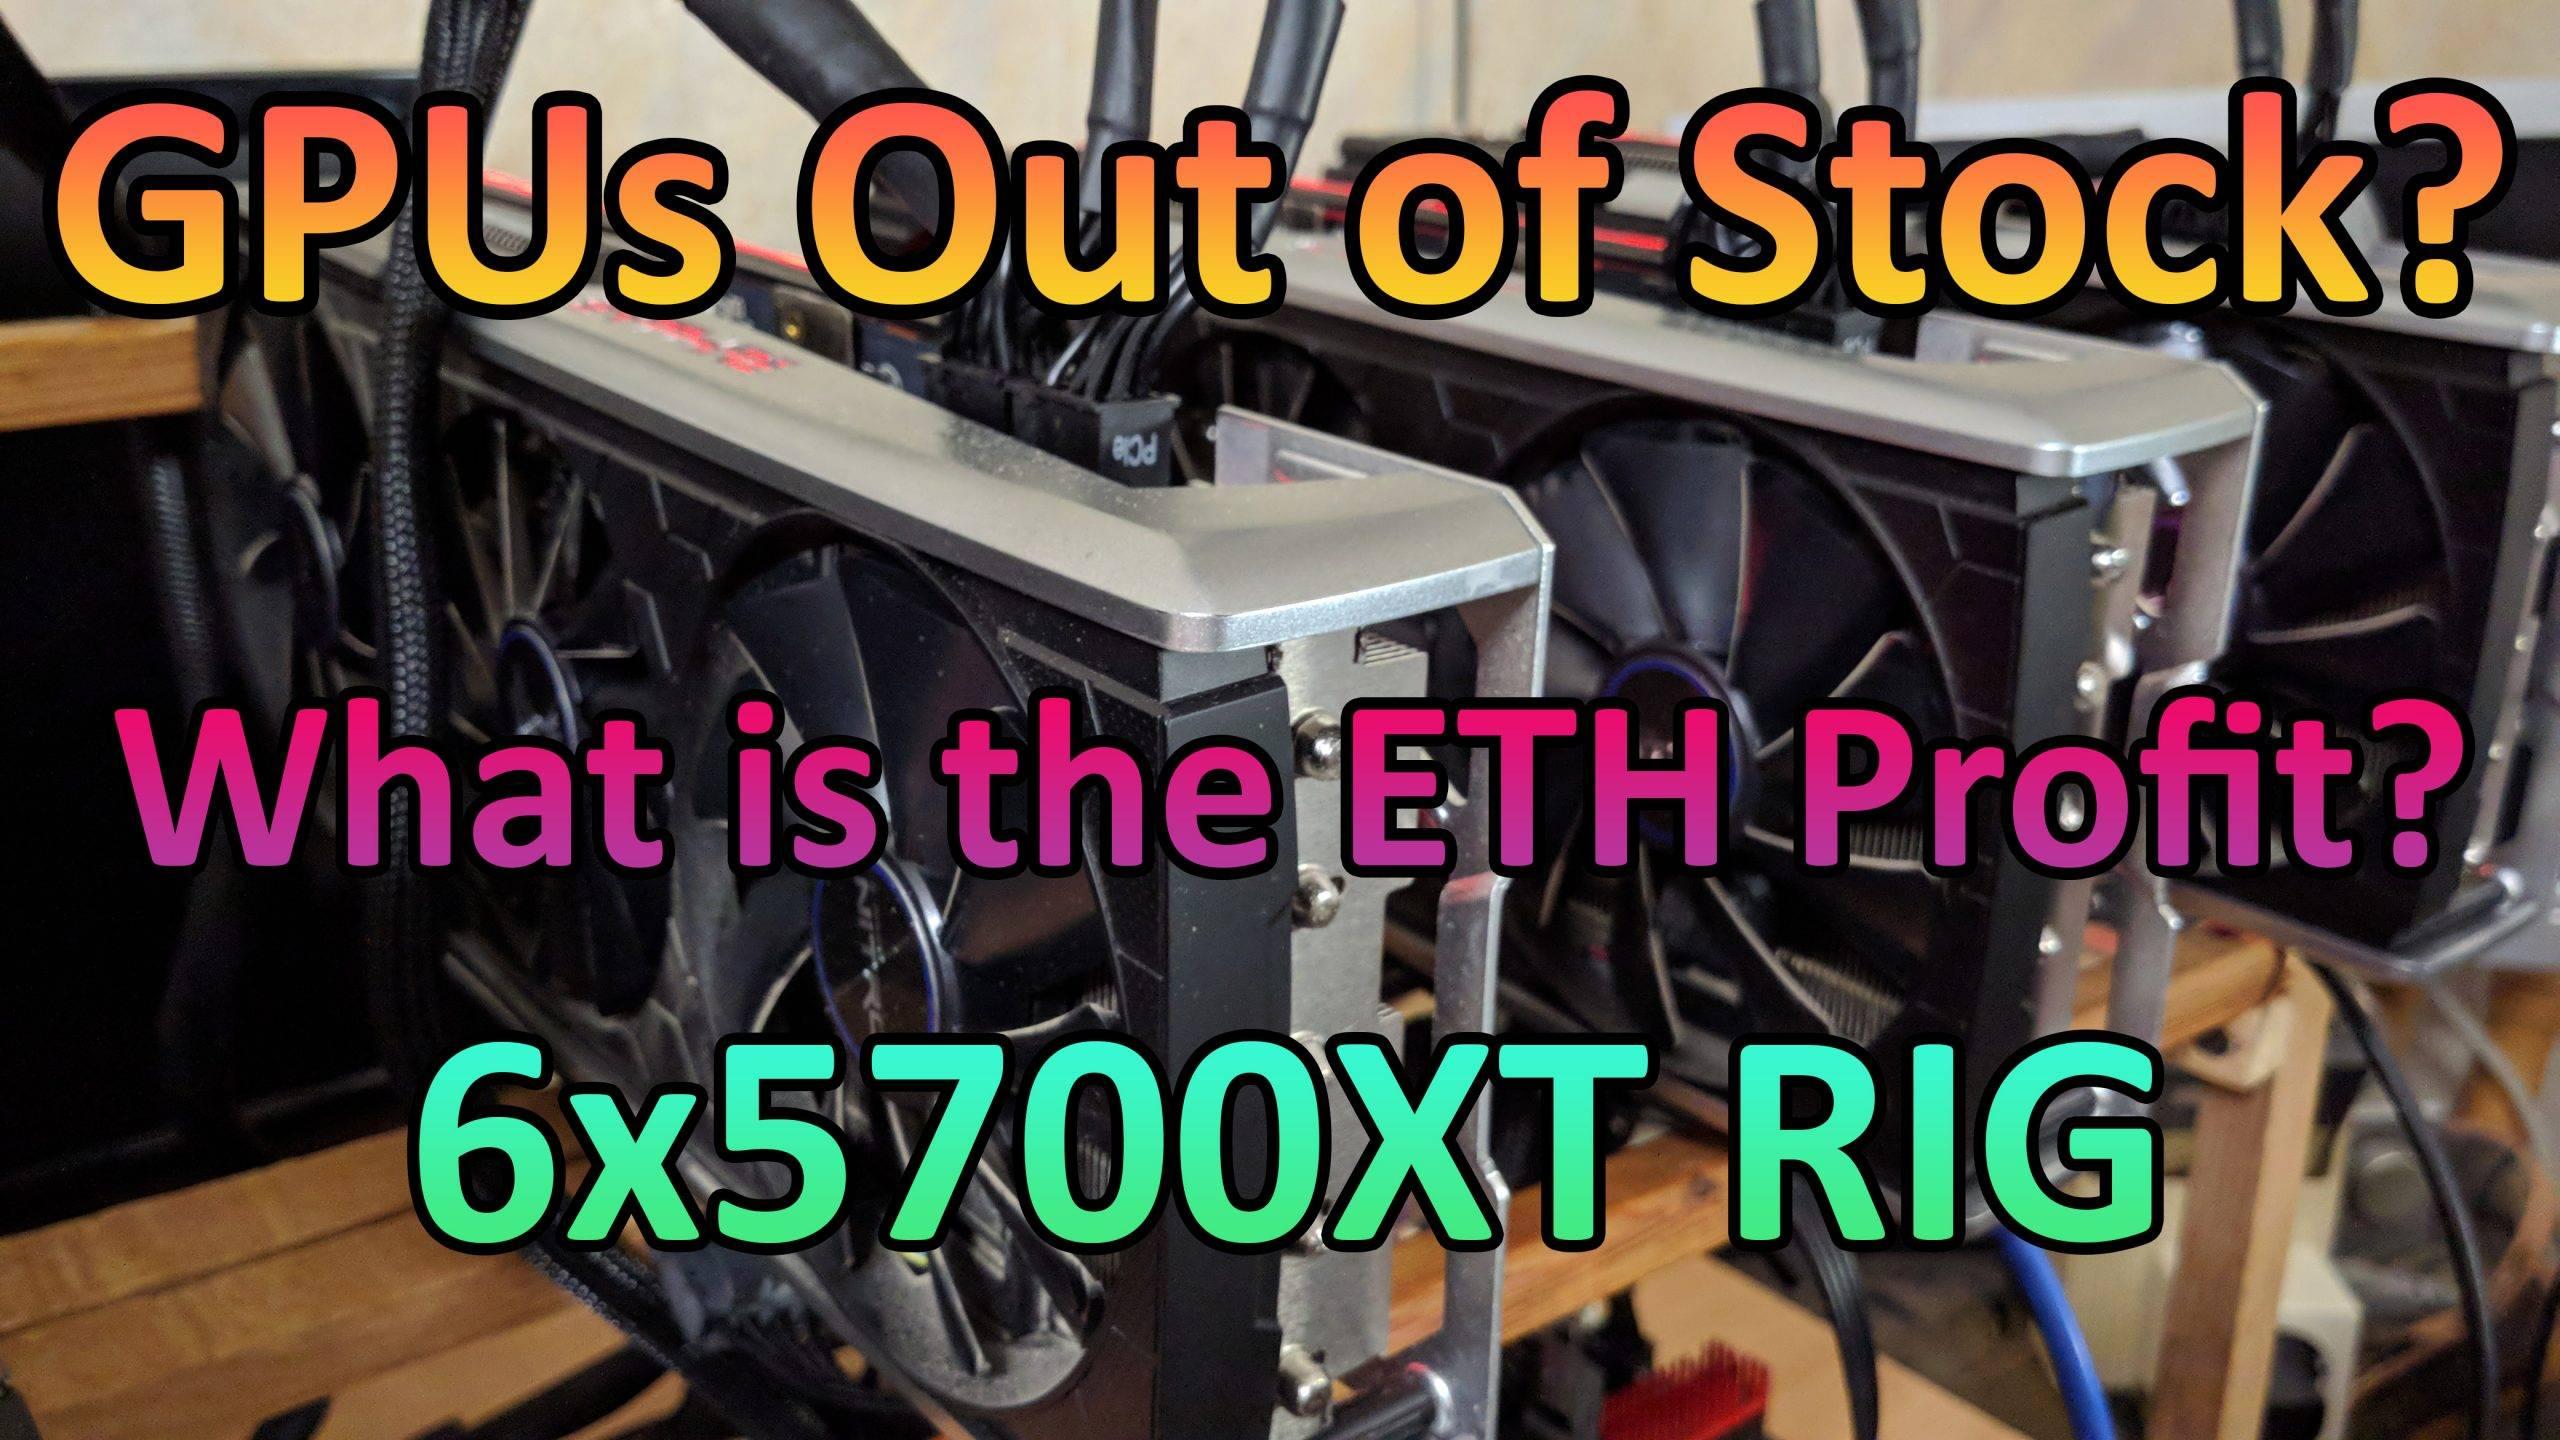 Няма видеокарти? Какъв е профита на ETH (6x5700XT)?